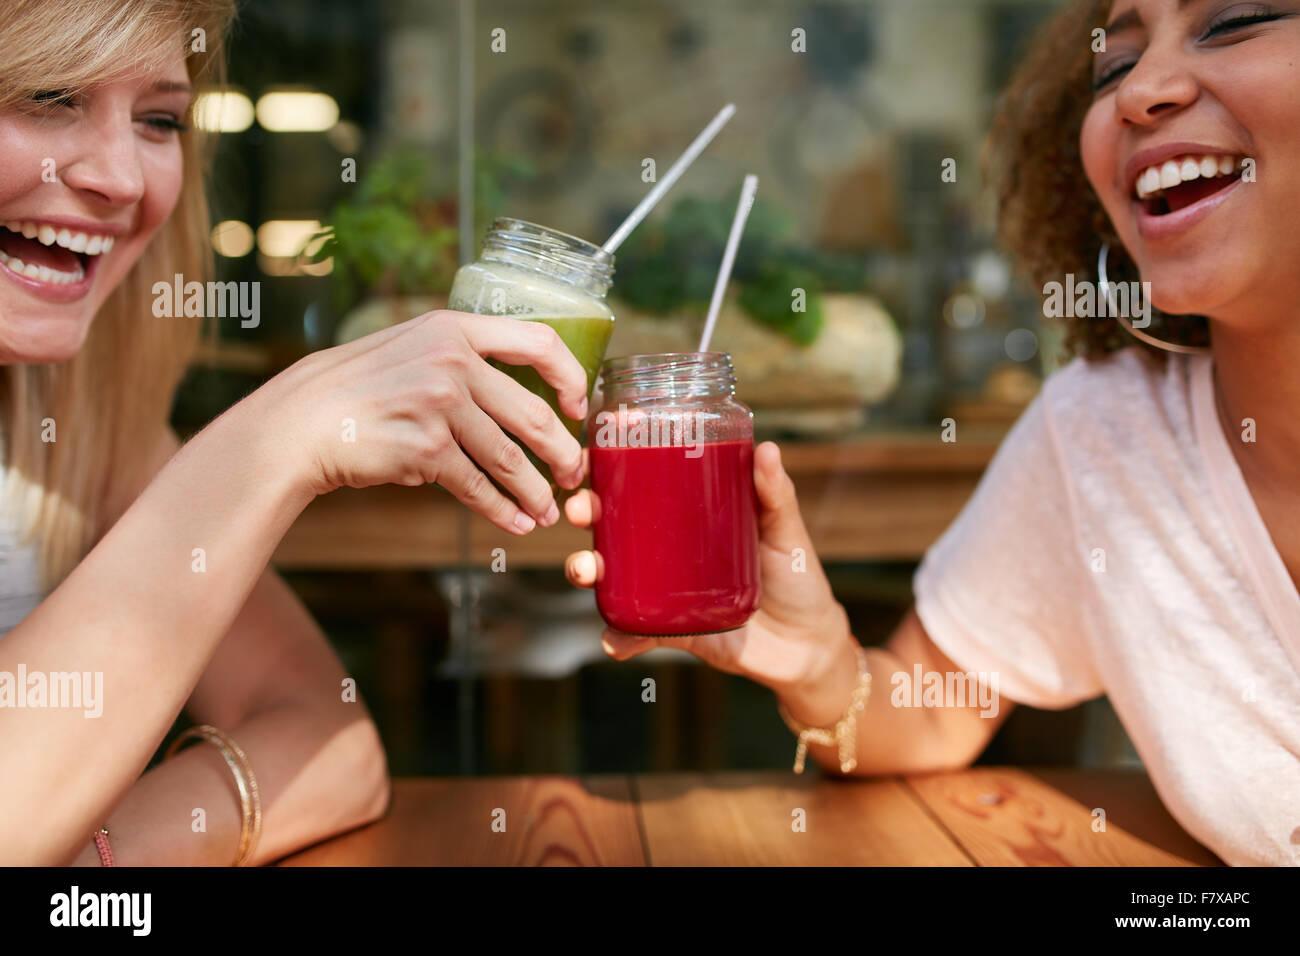 Immagine ravvicinata di giovani amici la tostatura bevande al cafè sul marciapiede. Due felici donne gustando Immagini Stock